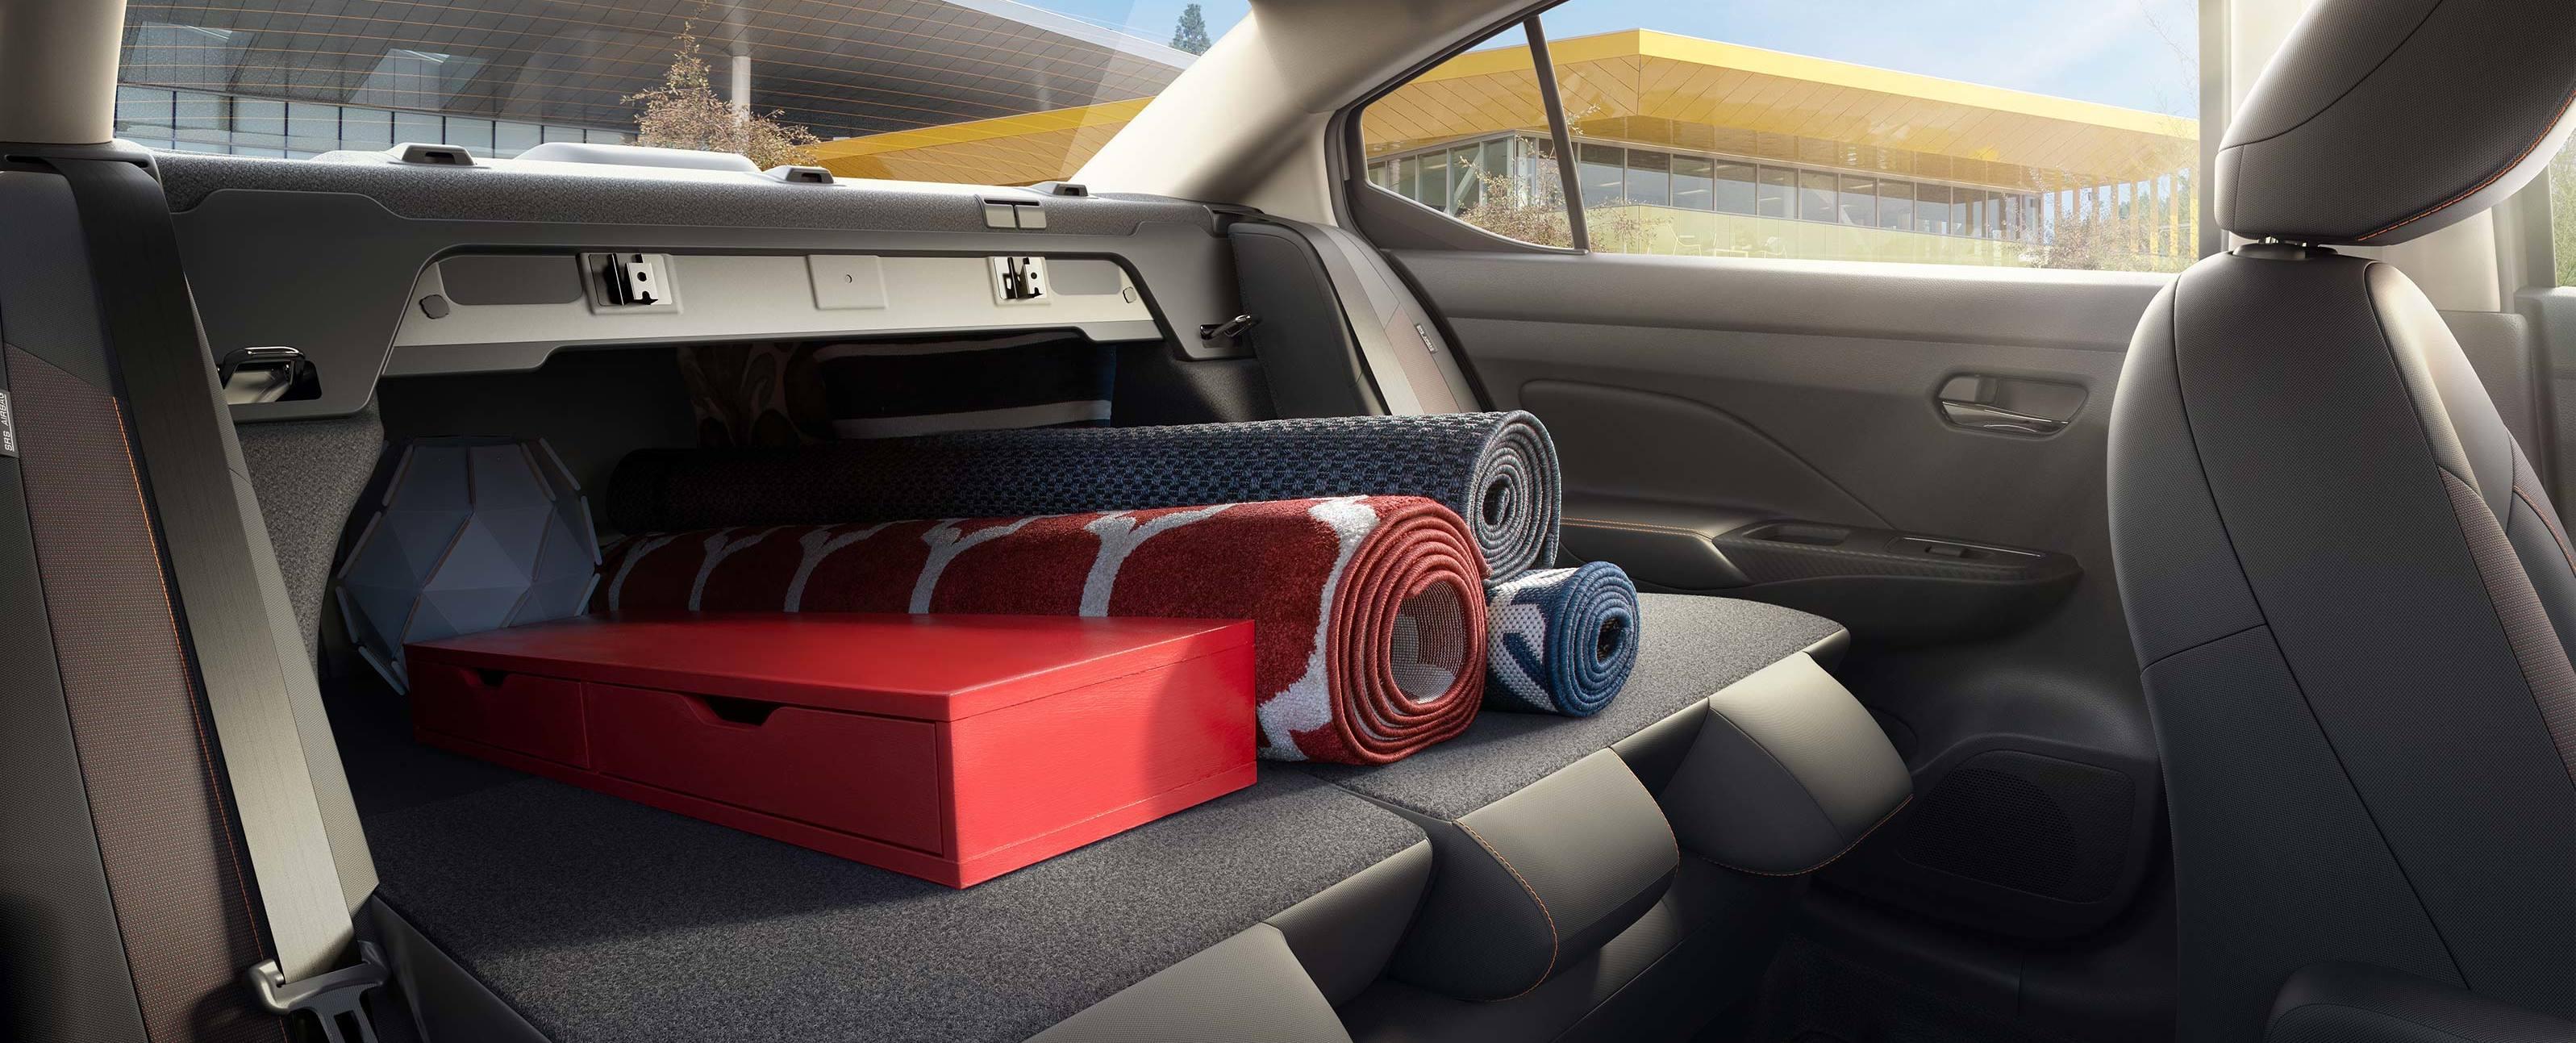 Versatile Storage in the 2020 Nissan Versa